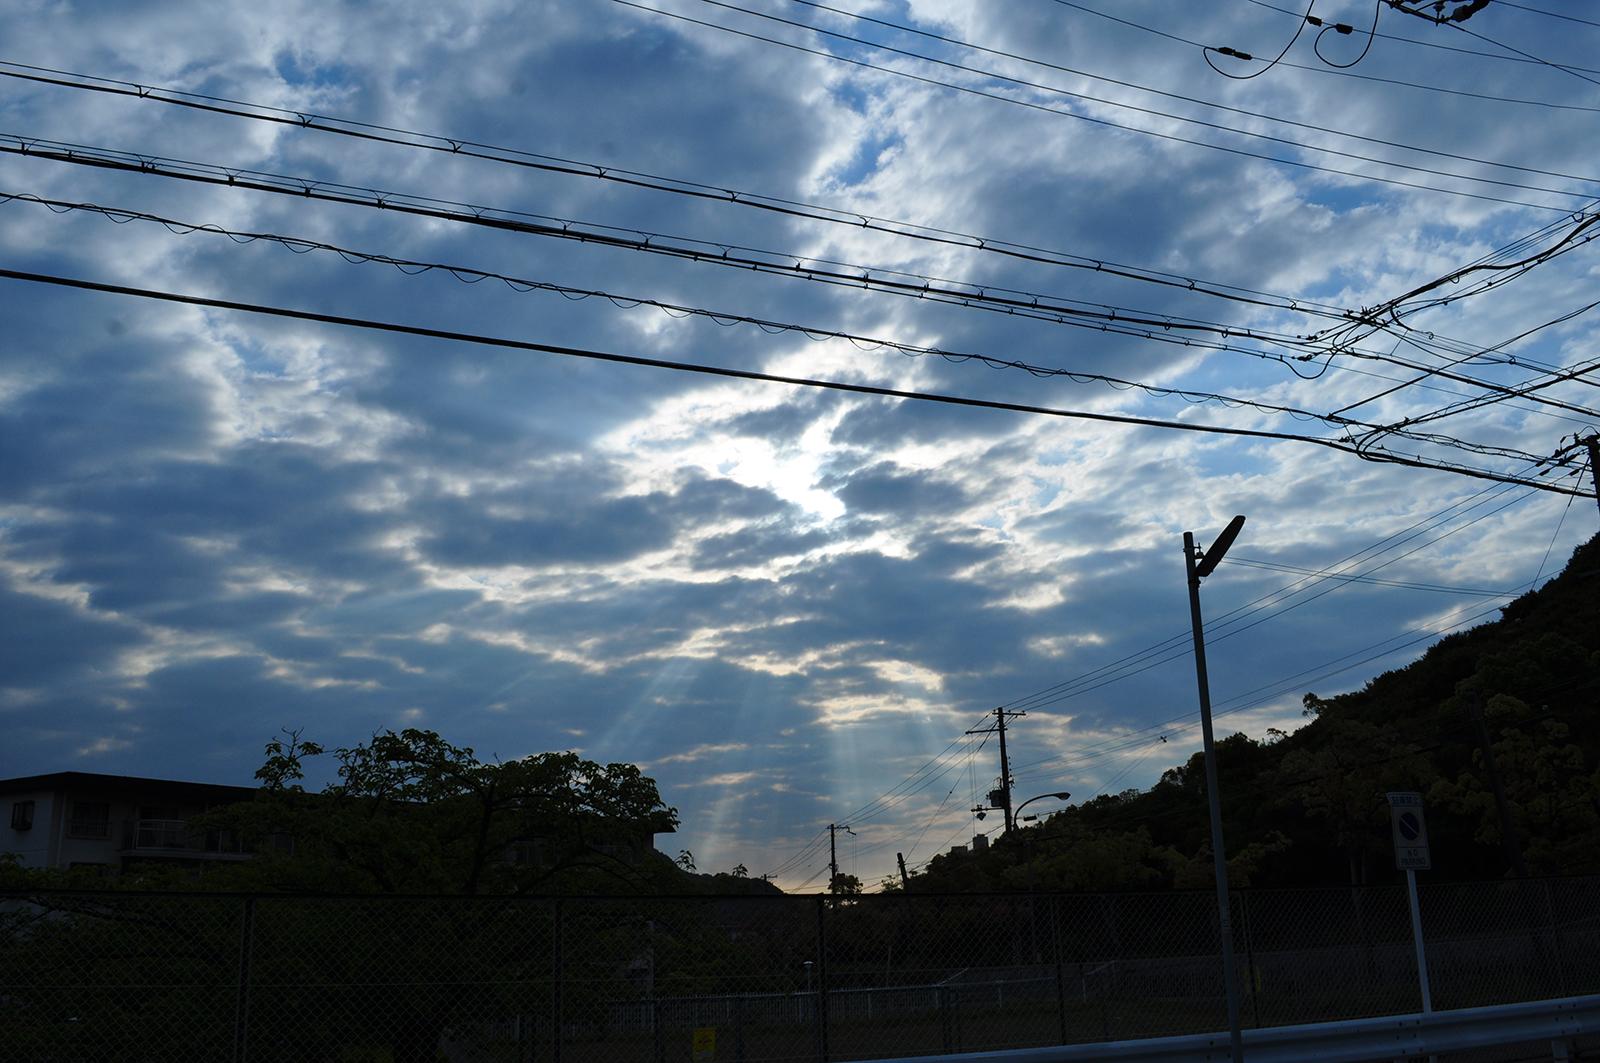 雲間から差し込む光